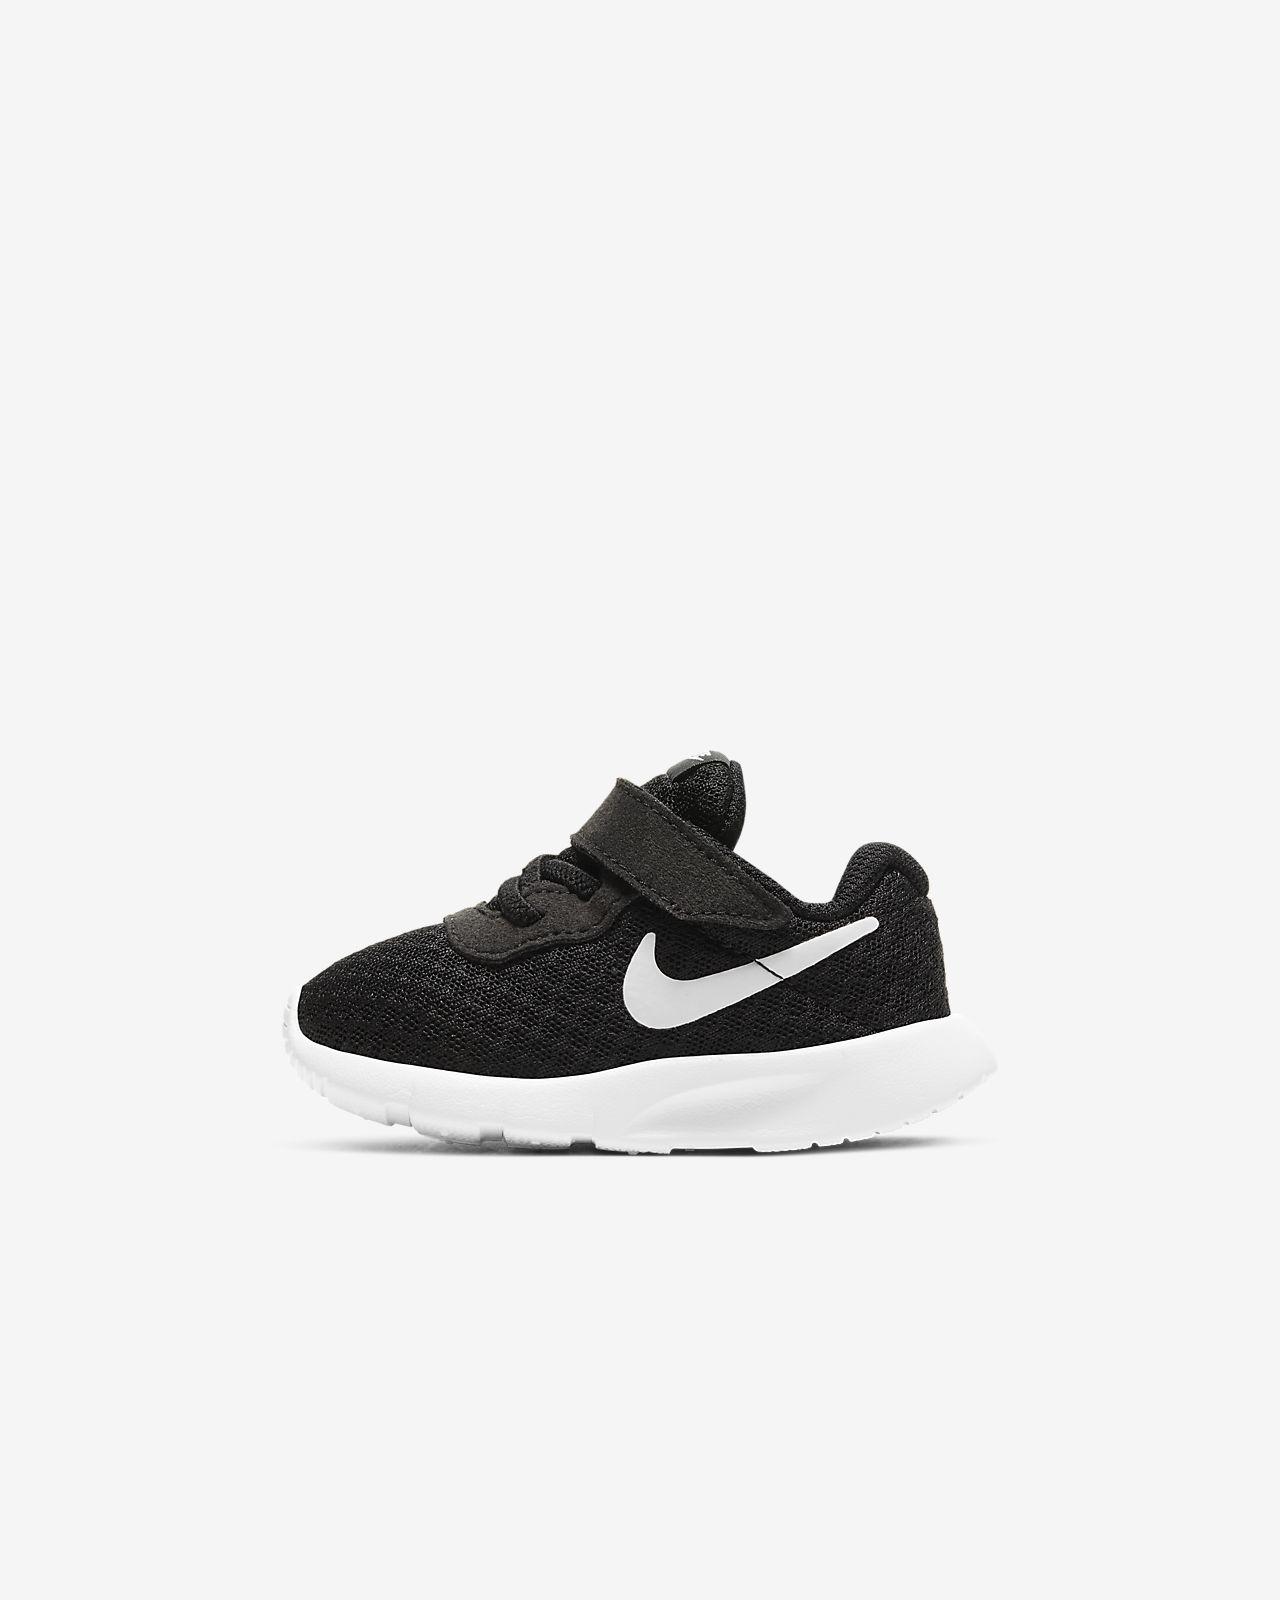 Chaussure Nike Tanjun pour Bébé/Petit enfant (17-27)